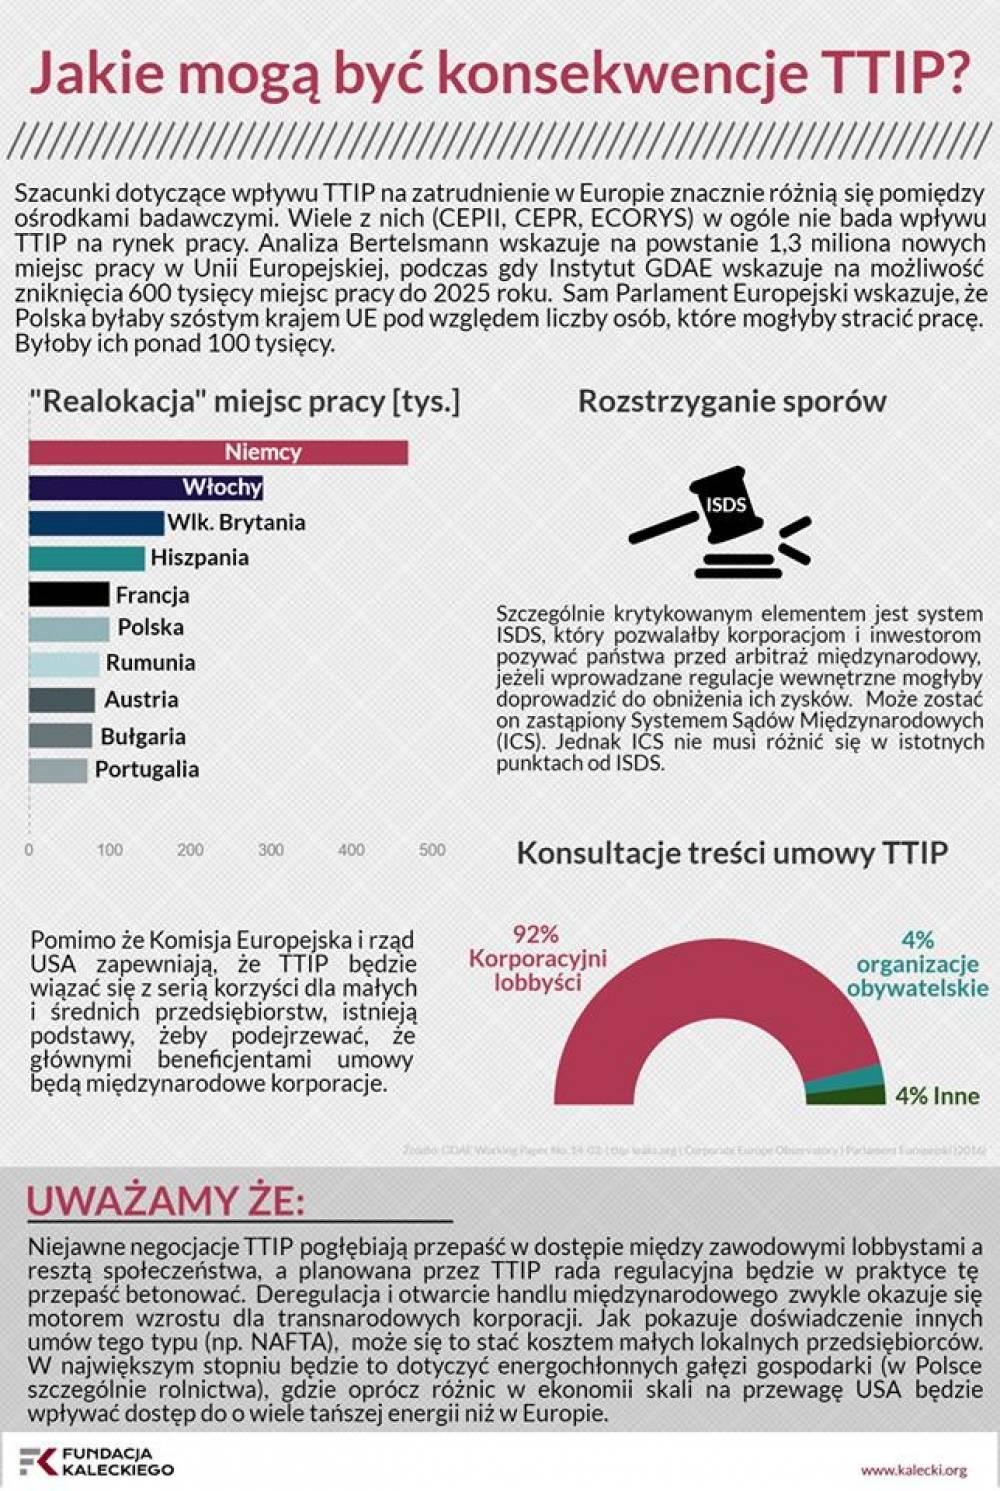 Jakie mogą być konsekwencje TTIP?